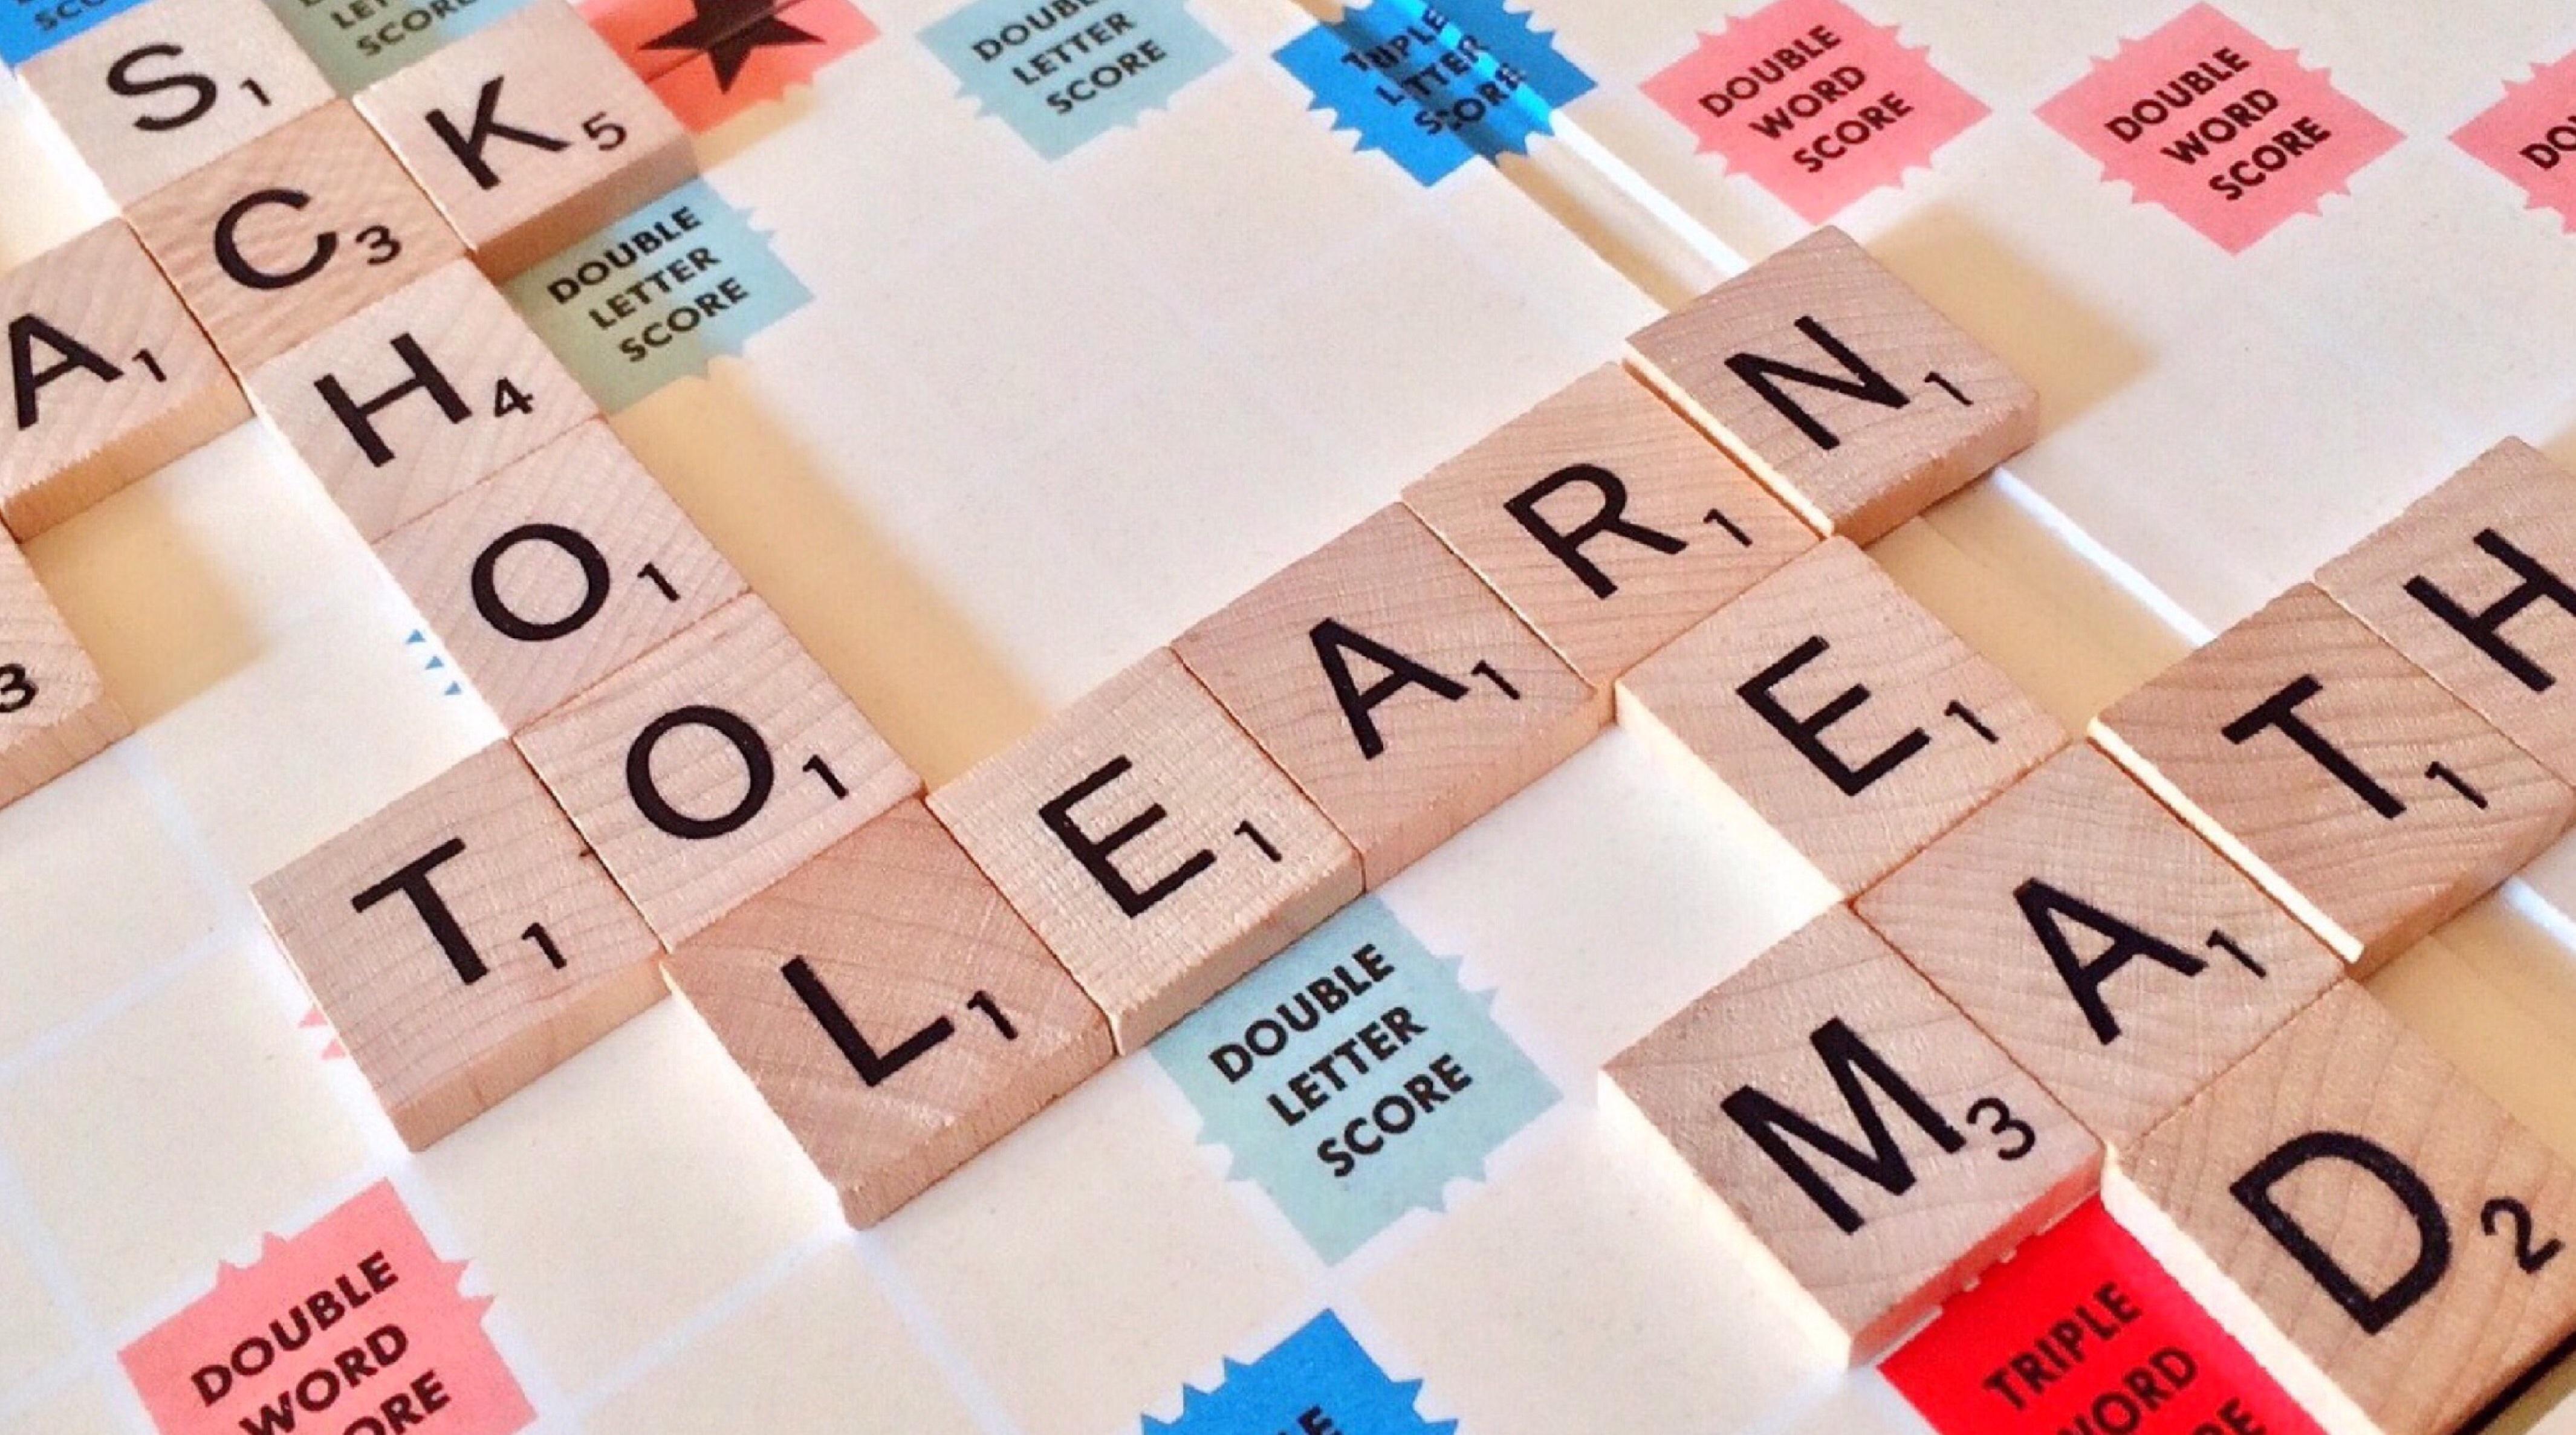 Learner management